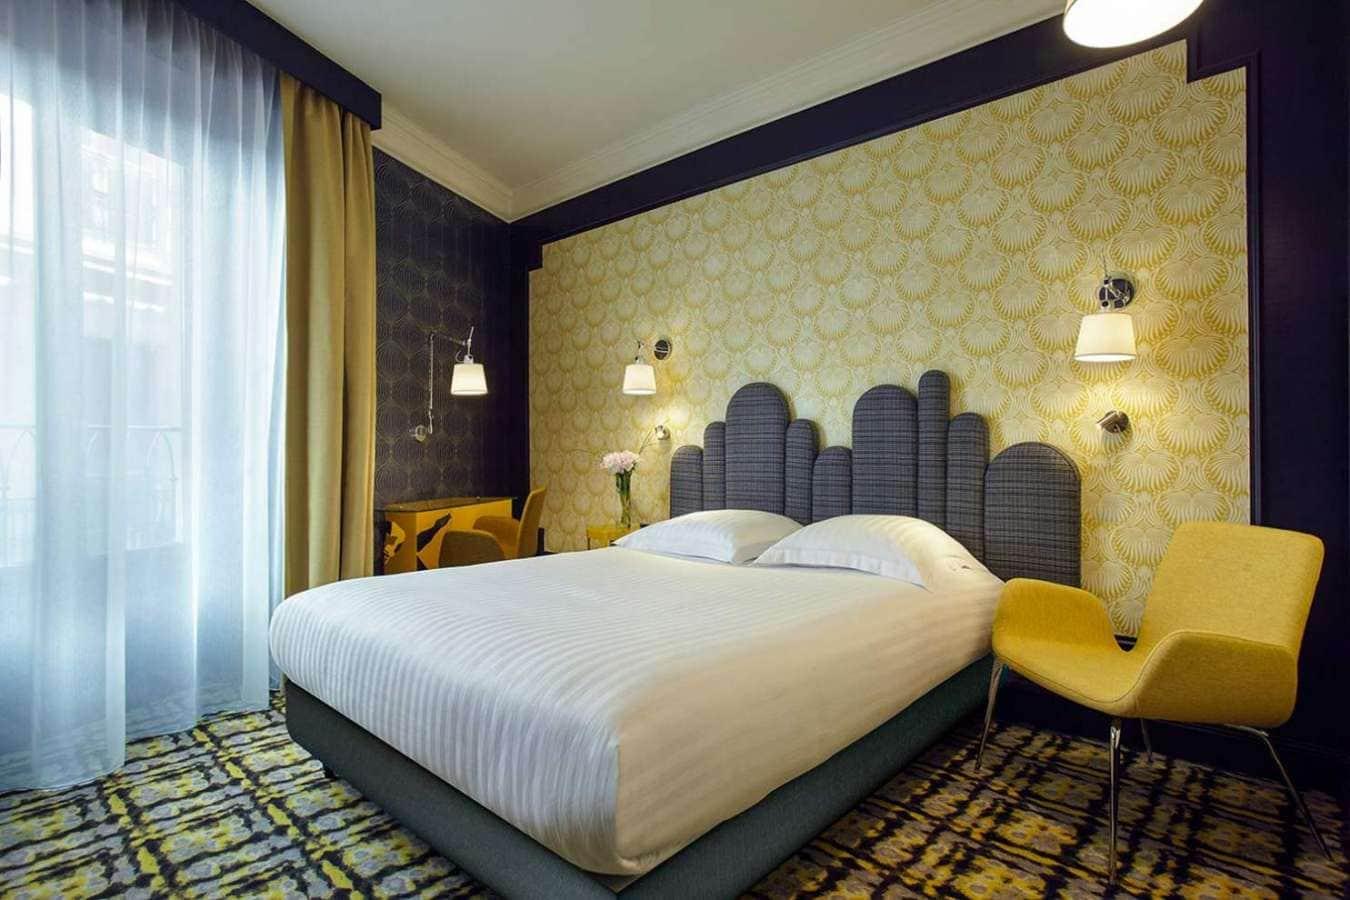 Grand Hôtel du Midi - Montpellier - Chambre Classique - Décoratrice Julie Gauthron